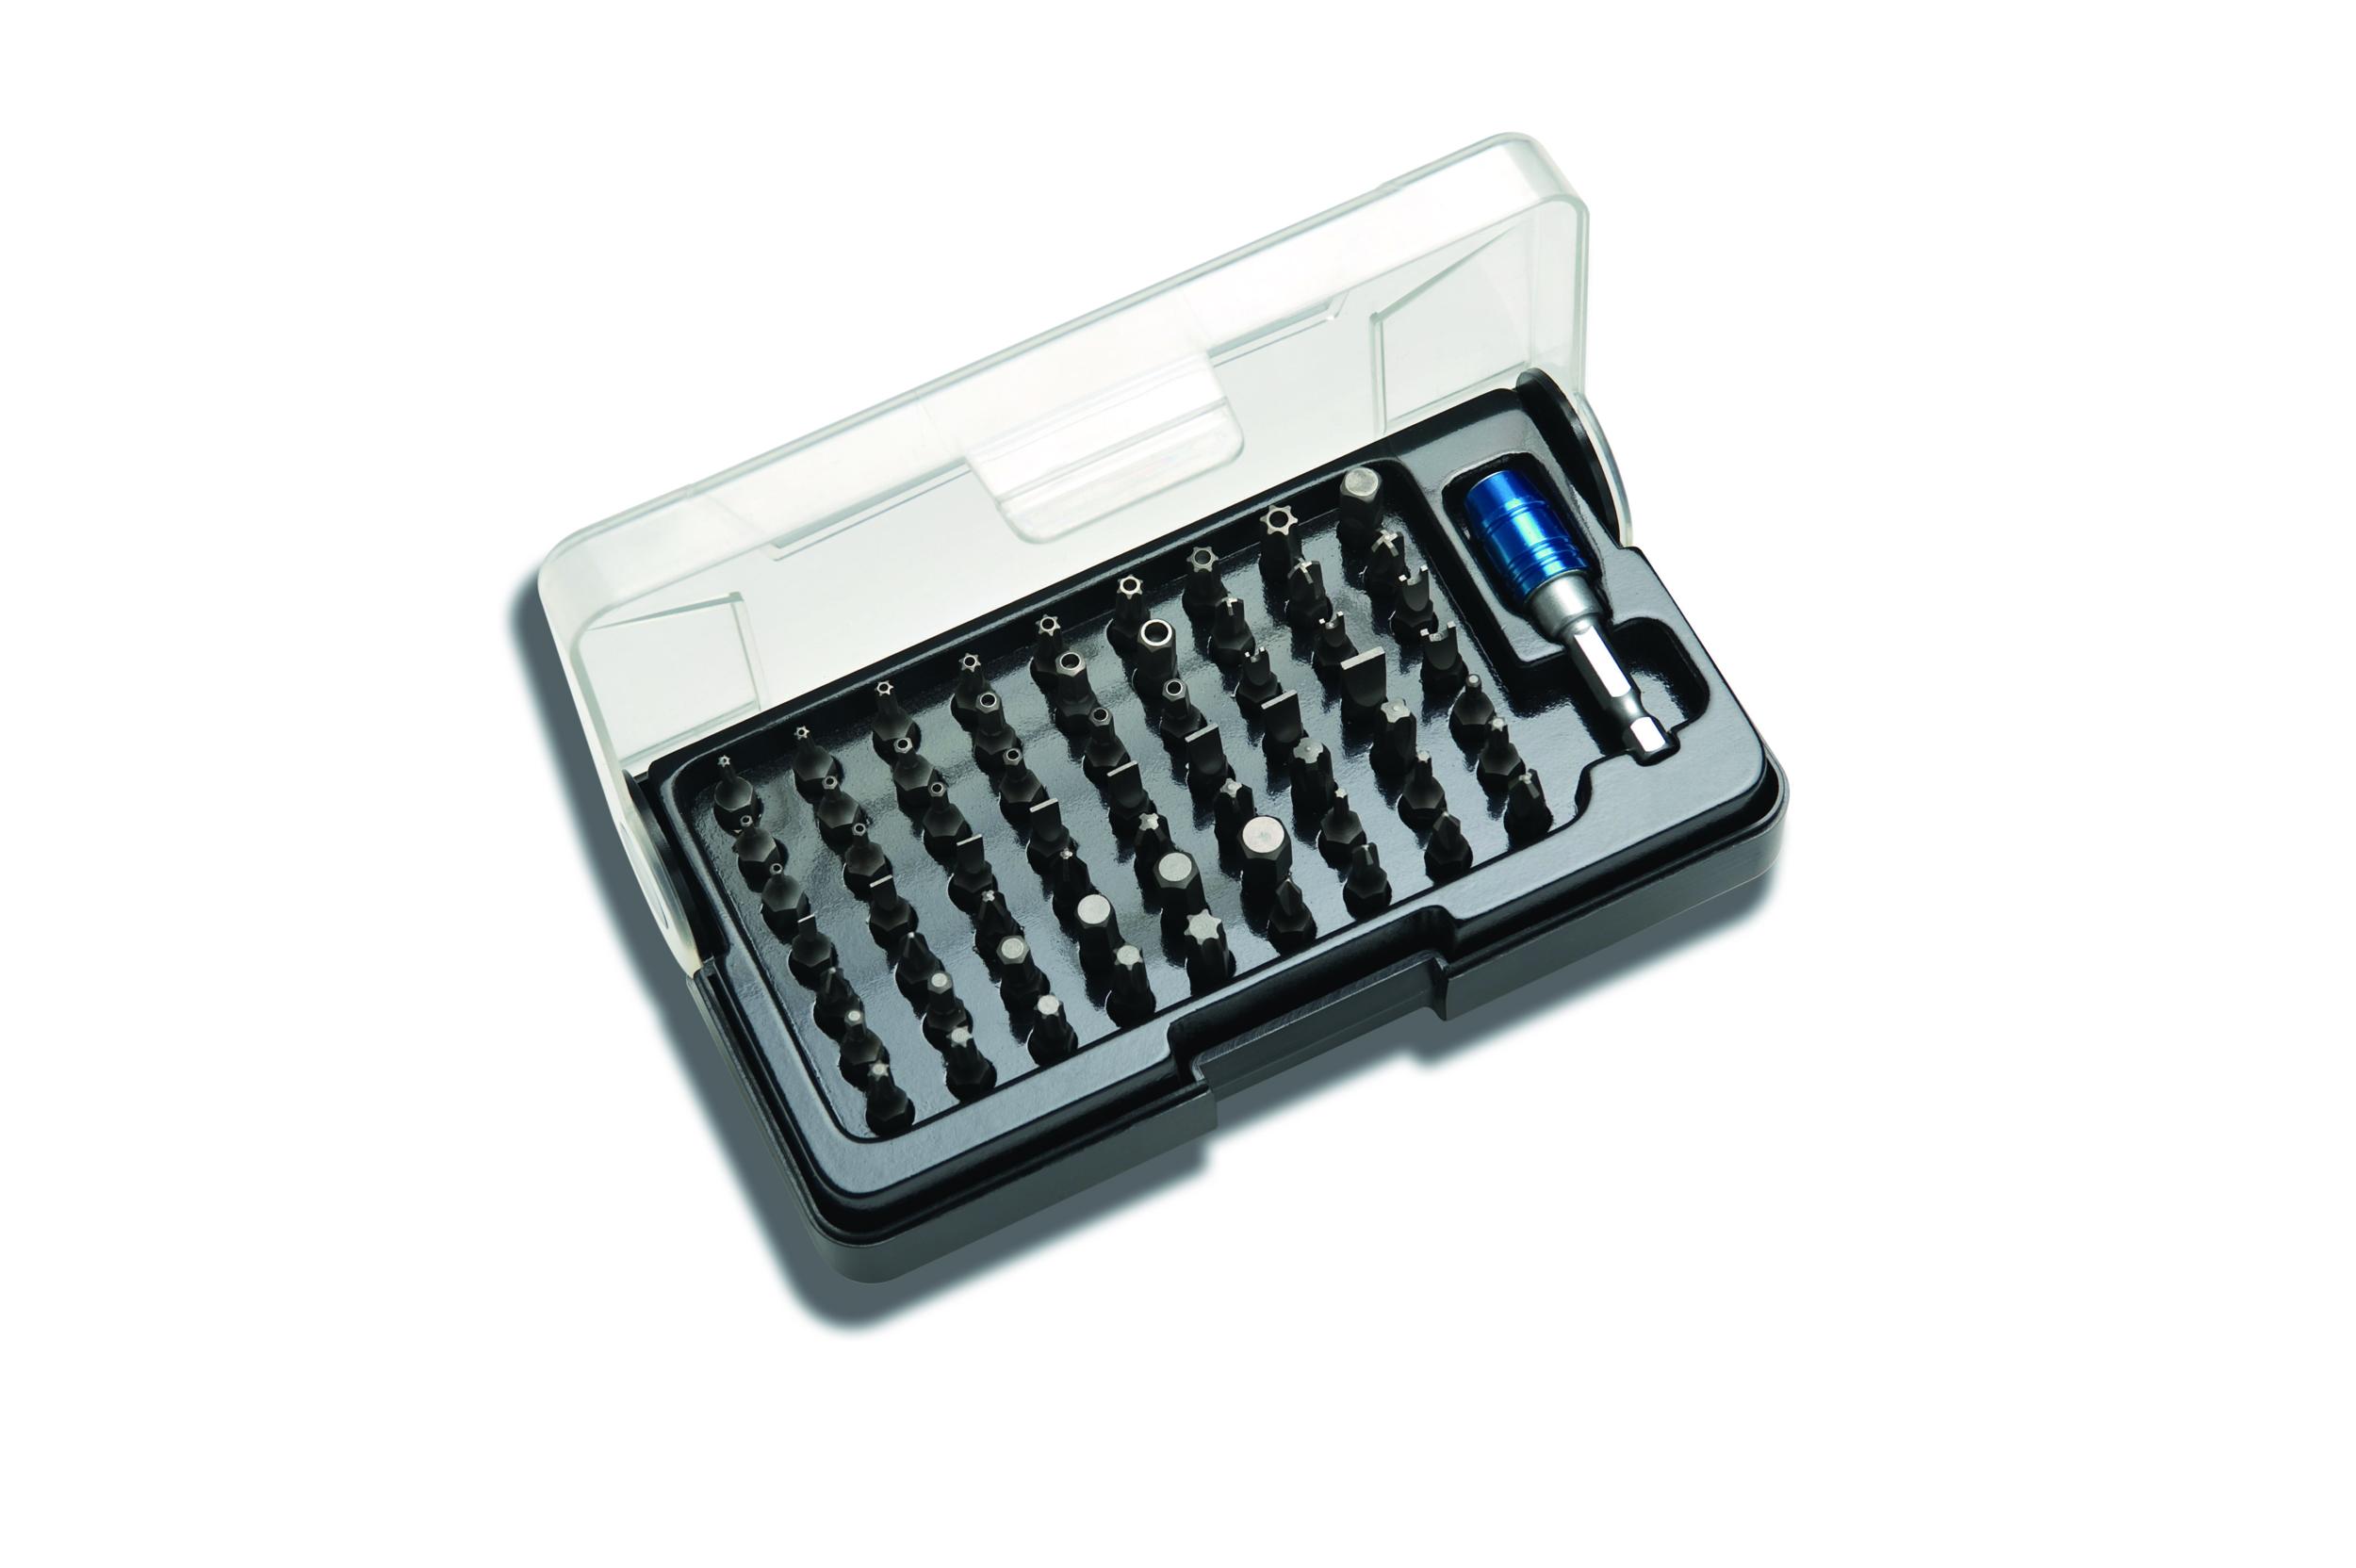 Valise outils Crescent CTK 64 de 64 pièces porte embouts